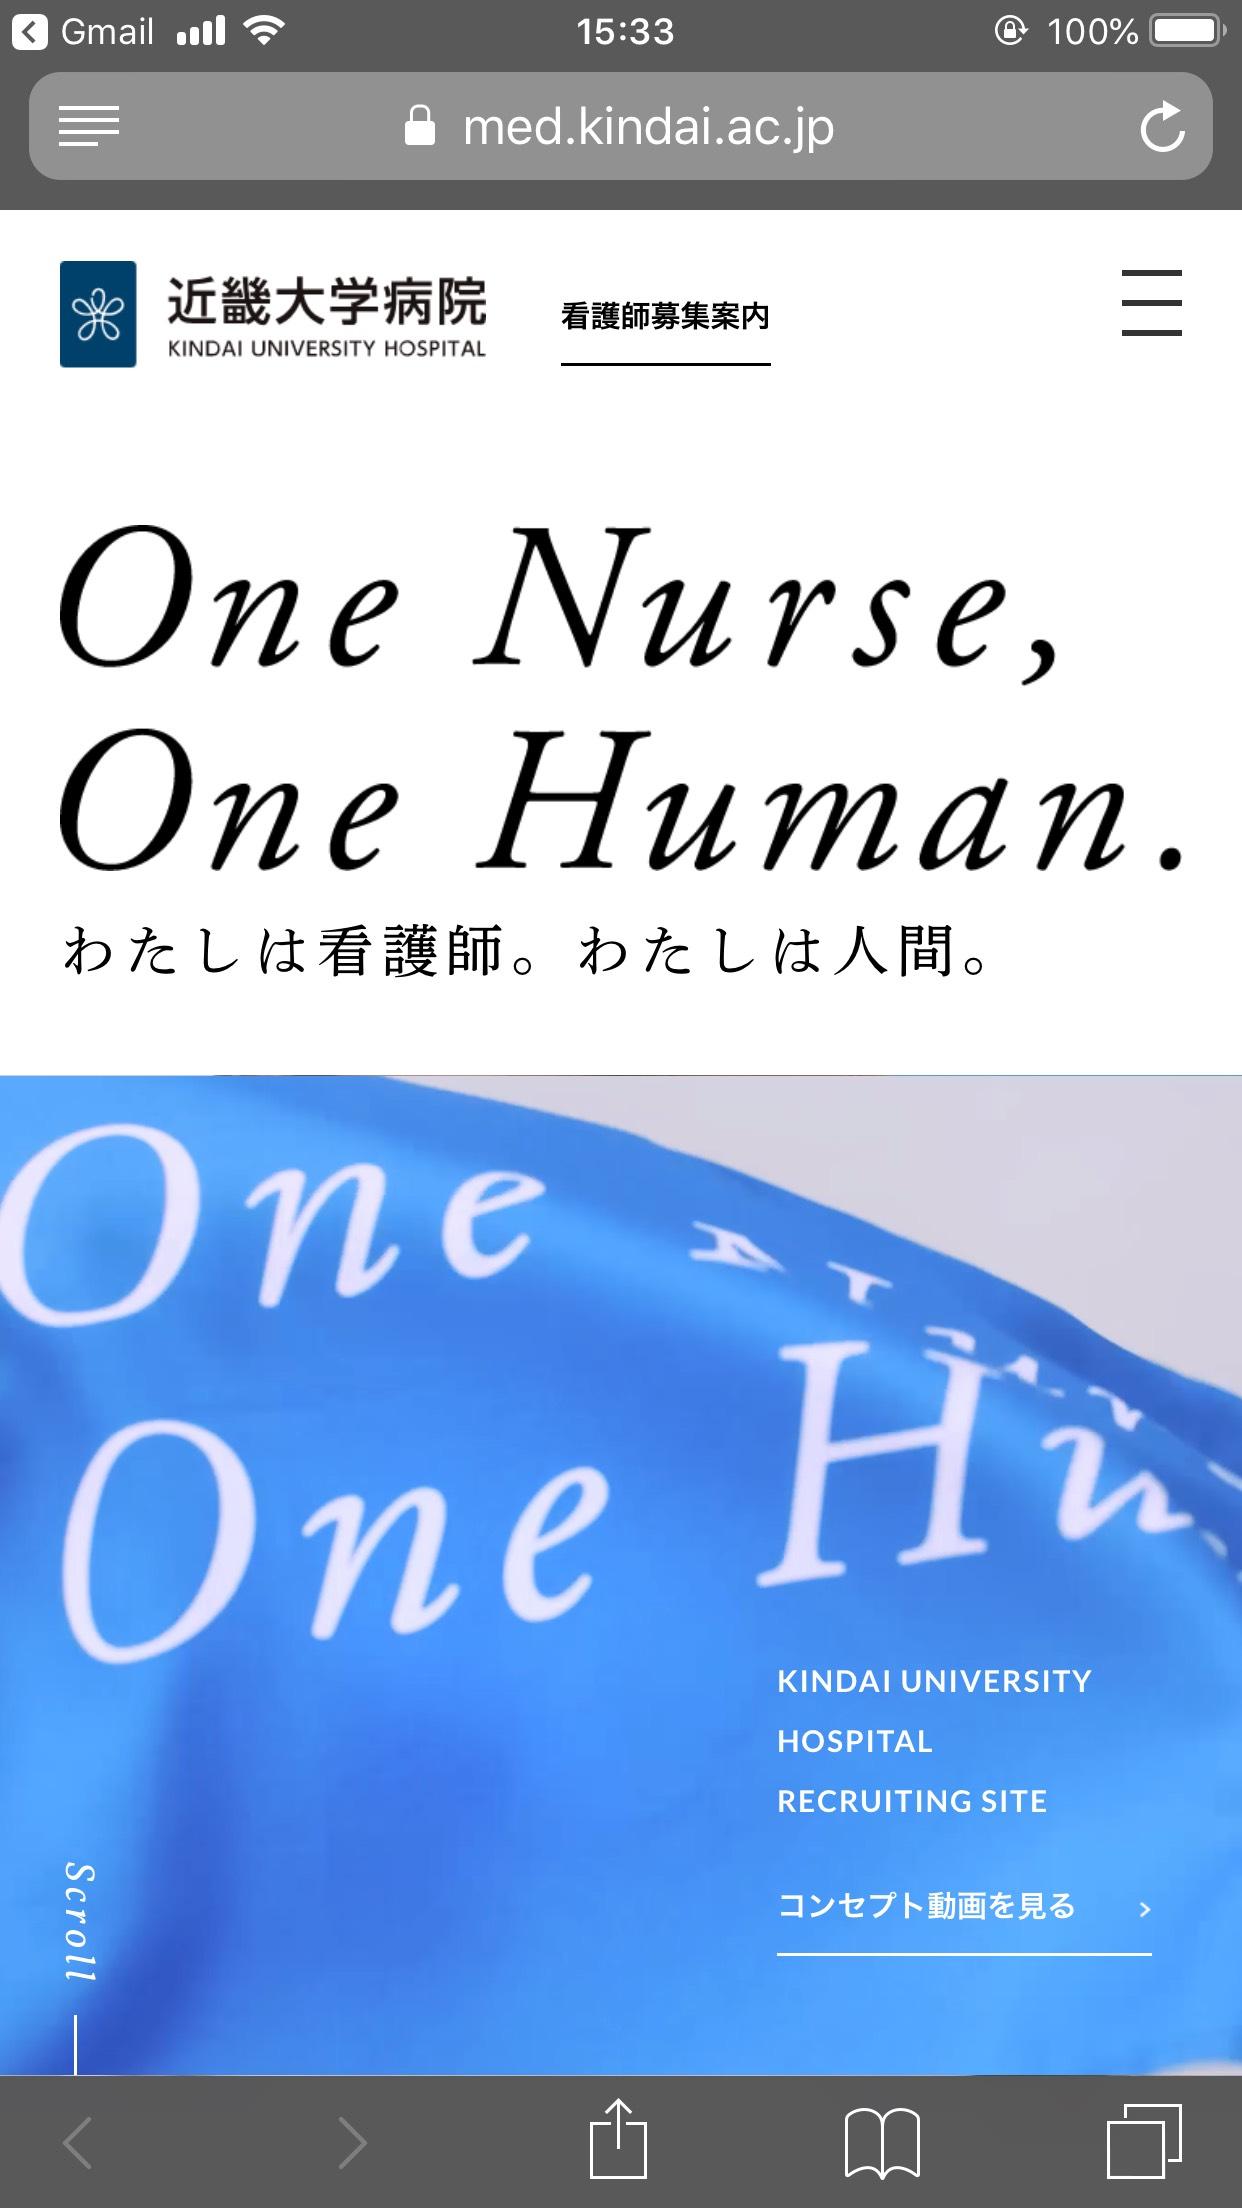 近畿大学病院 看護師募集案内